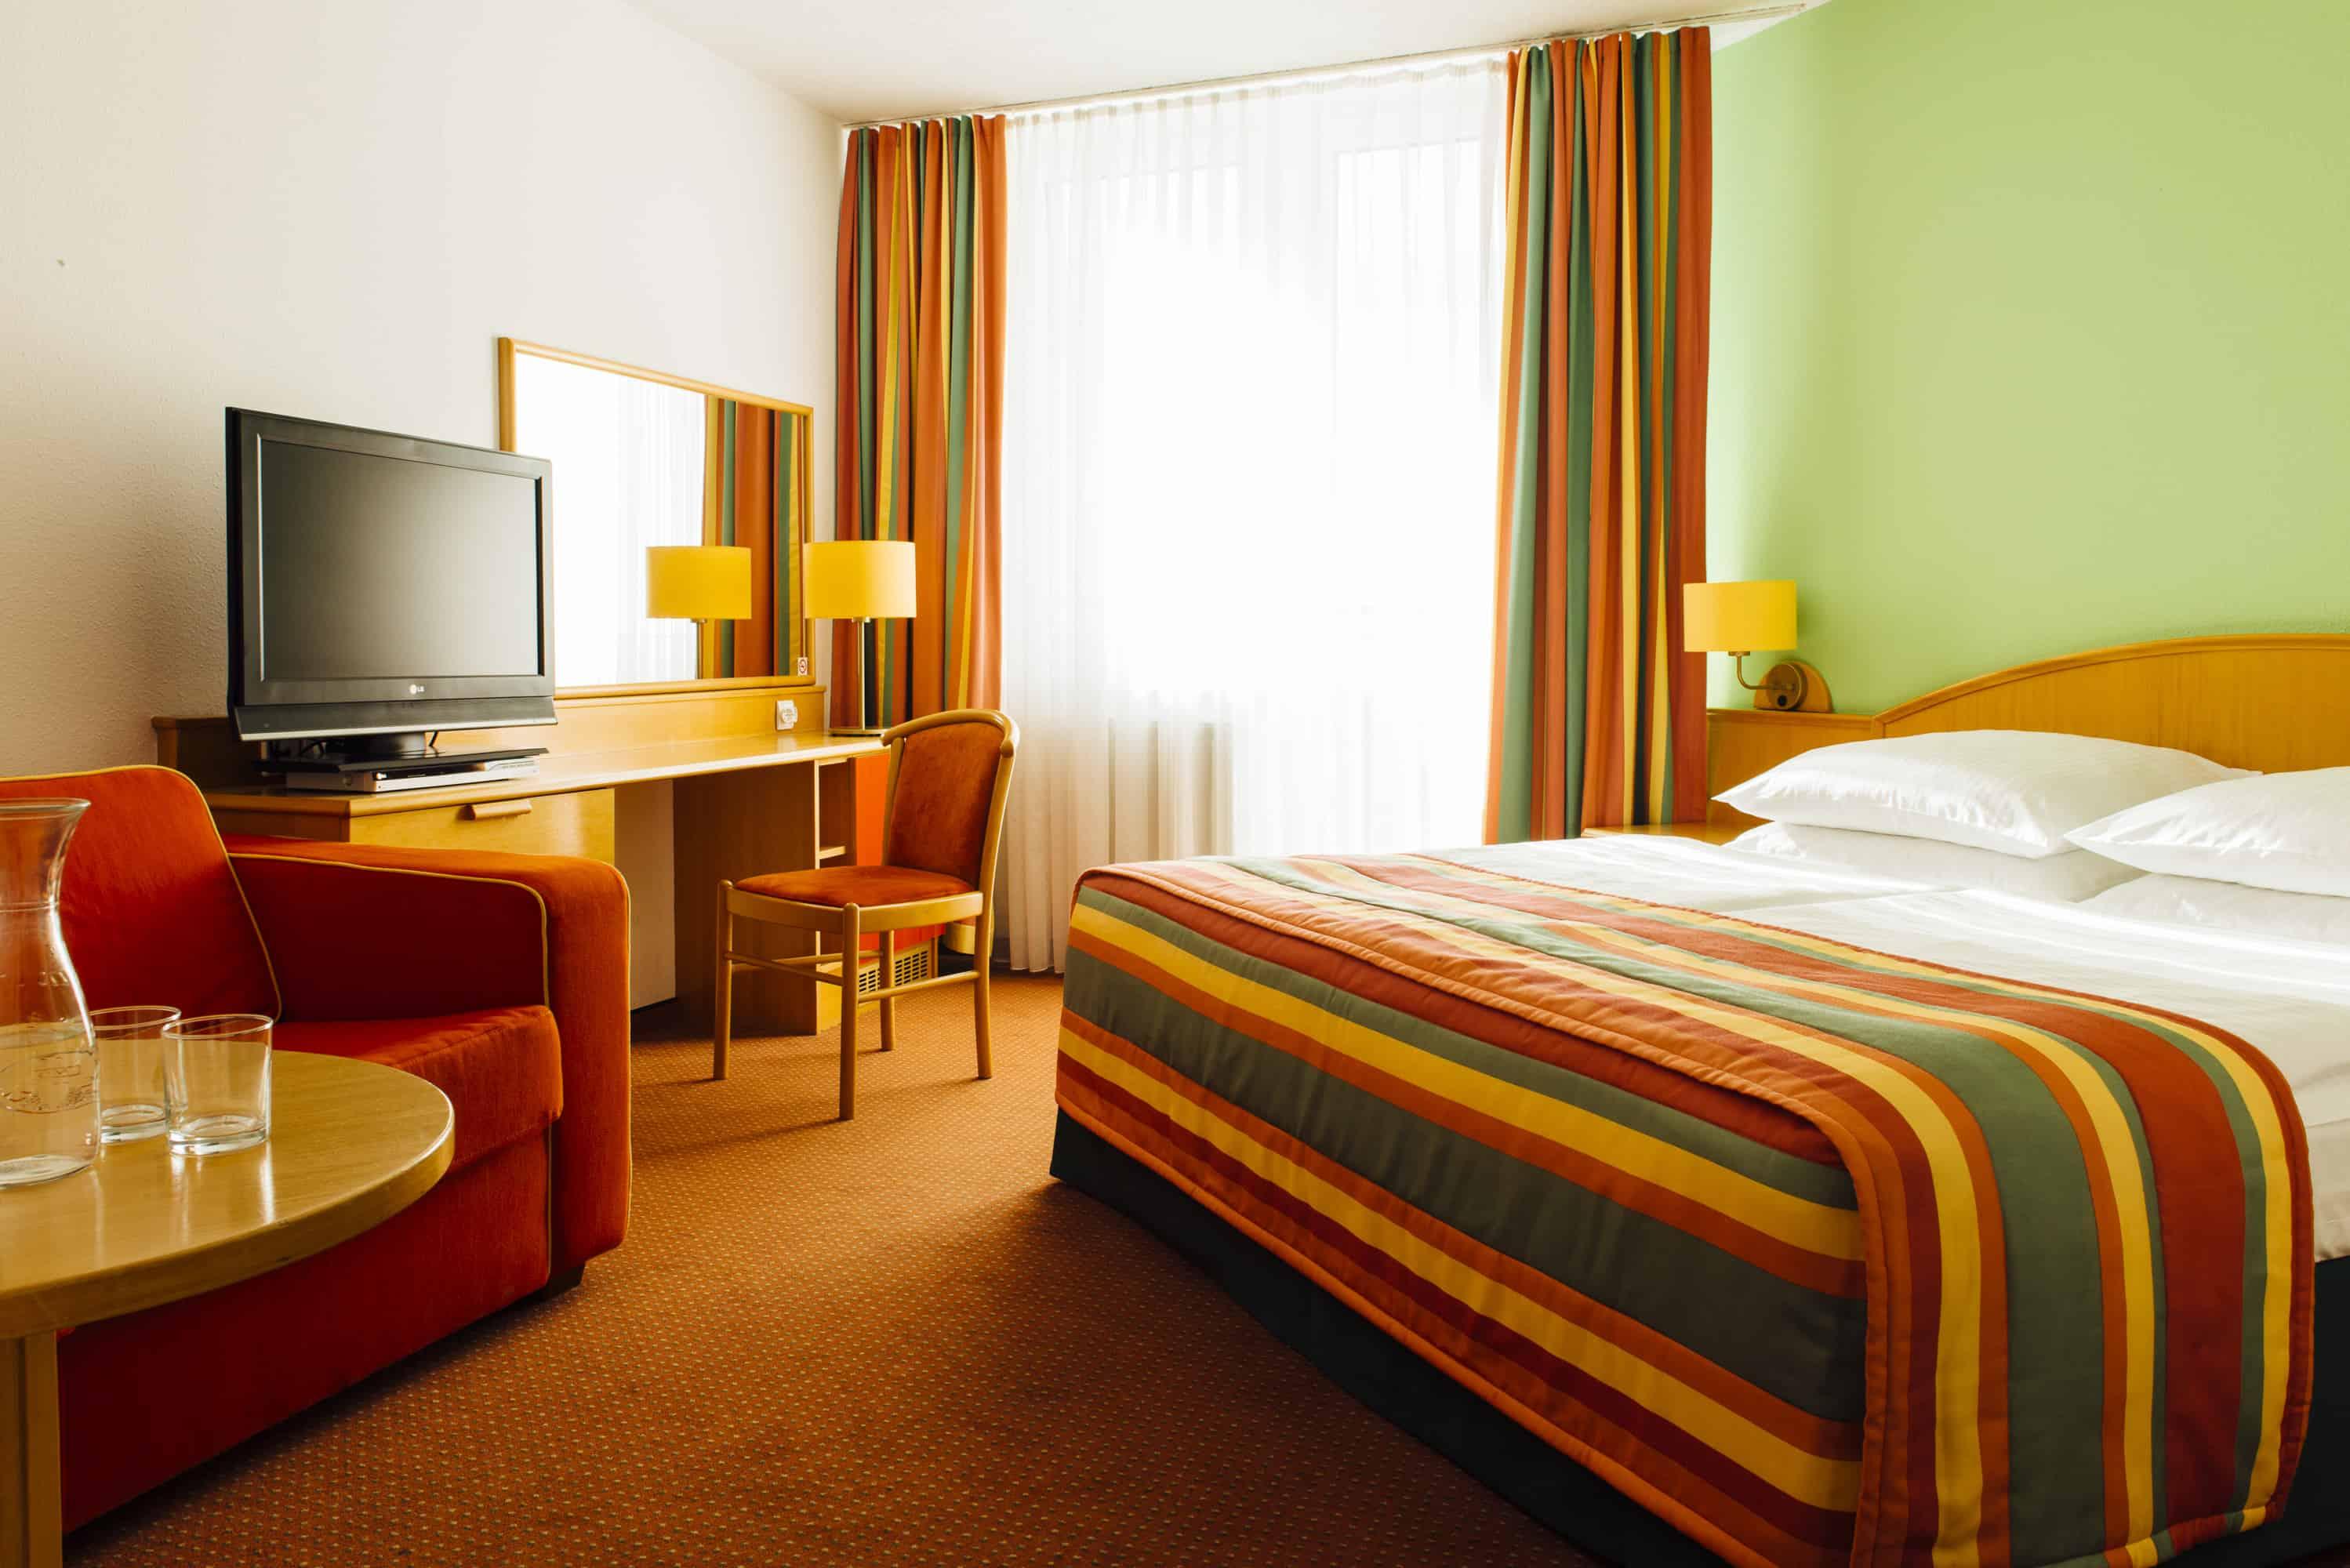 Rooms To Rent Viena